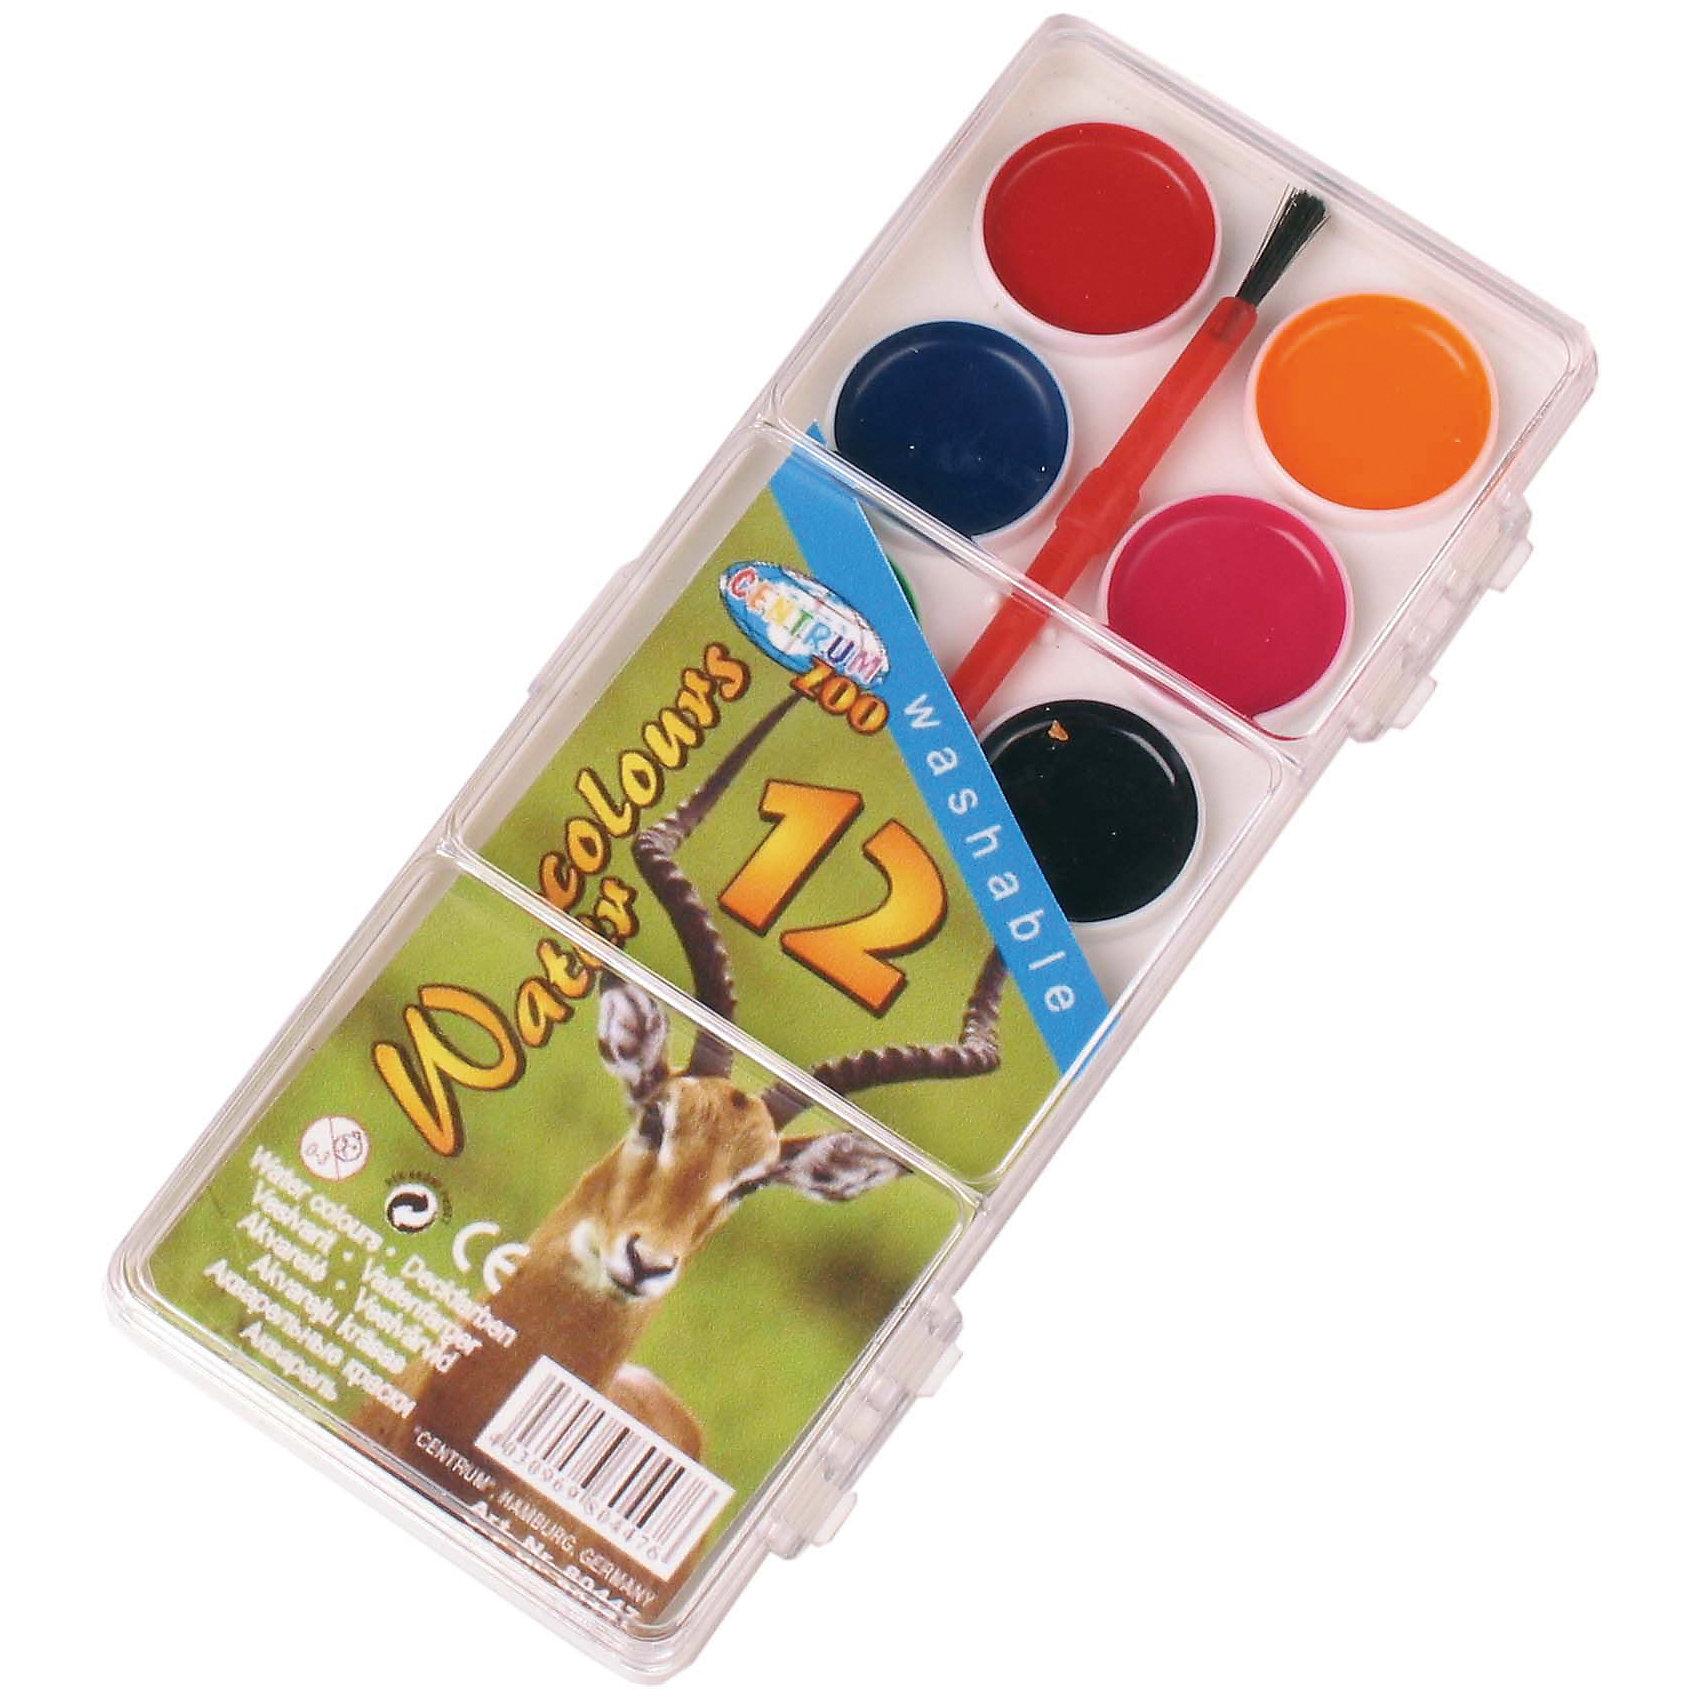 Акварель медовая 12 цветовАкварель медовая 12 цветов<br><br>Характеристики:<br><br>- в набор входит: краски, кисть<br>- размер упаковки: 16,5 * 1 * 6,5 см.<br>- для детей в возрасте: от 3 до 10 лет<br>- страна производитель: Китай<br><br>Целый набор ярких акварельных красок из коллекции «Зоопарк» от немецкого бренда Centrum (Центрум) понравится как девочкам, так и мальчикам! Классические двенадцать цветов, которые можно смешивать между собой позволят выполнить любой шедевр. Специальная формула красок хорошо отмывается от одежды и в тоже время позволяет цветам быть насыщенными на альбомном листе. Работая с краскам дети развивают творческие способности, аккуратность, моторику рук, усидчивость, восприятие цвета и логику смешивания цветов, выражают свой внутренний мир в рисунках. <br><br>Акварель медовую 12 цветов можно купить в нашем интернет-магазине.<br><br>Ширина мм: 10<br>Глубина мм: 65<br>Высота мм: 165<br>Вес г: 54<br>Возраст от месяцев: 36<br>Возраст до месяцев: 120<br>Пол: Унисекс<br>Возраст: Детский<br>SKU: 5175459